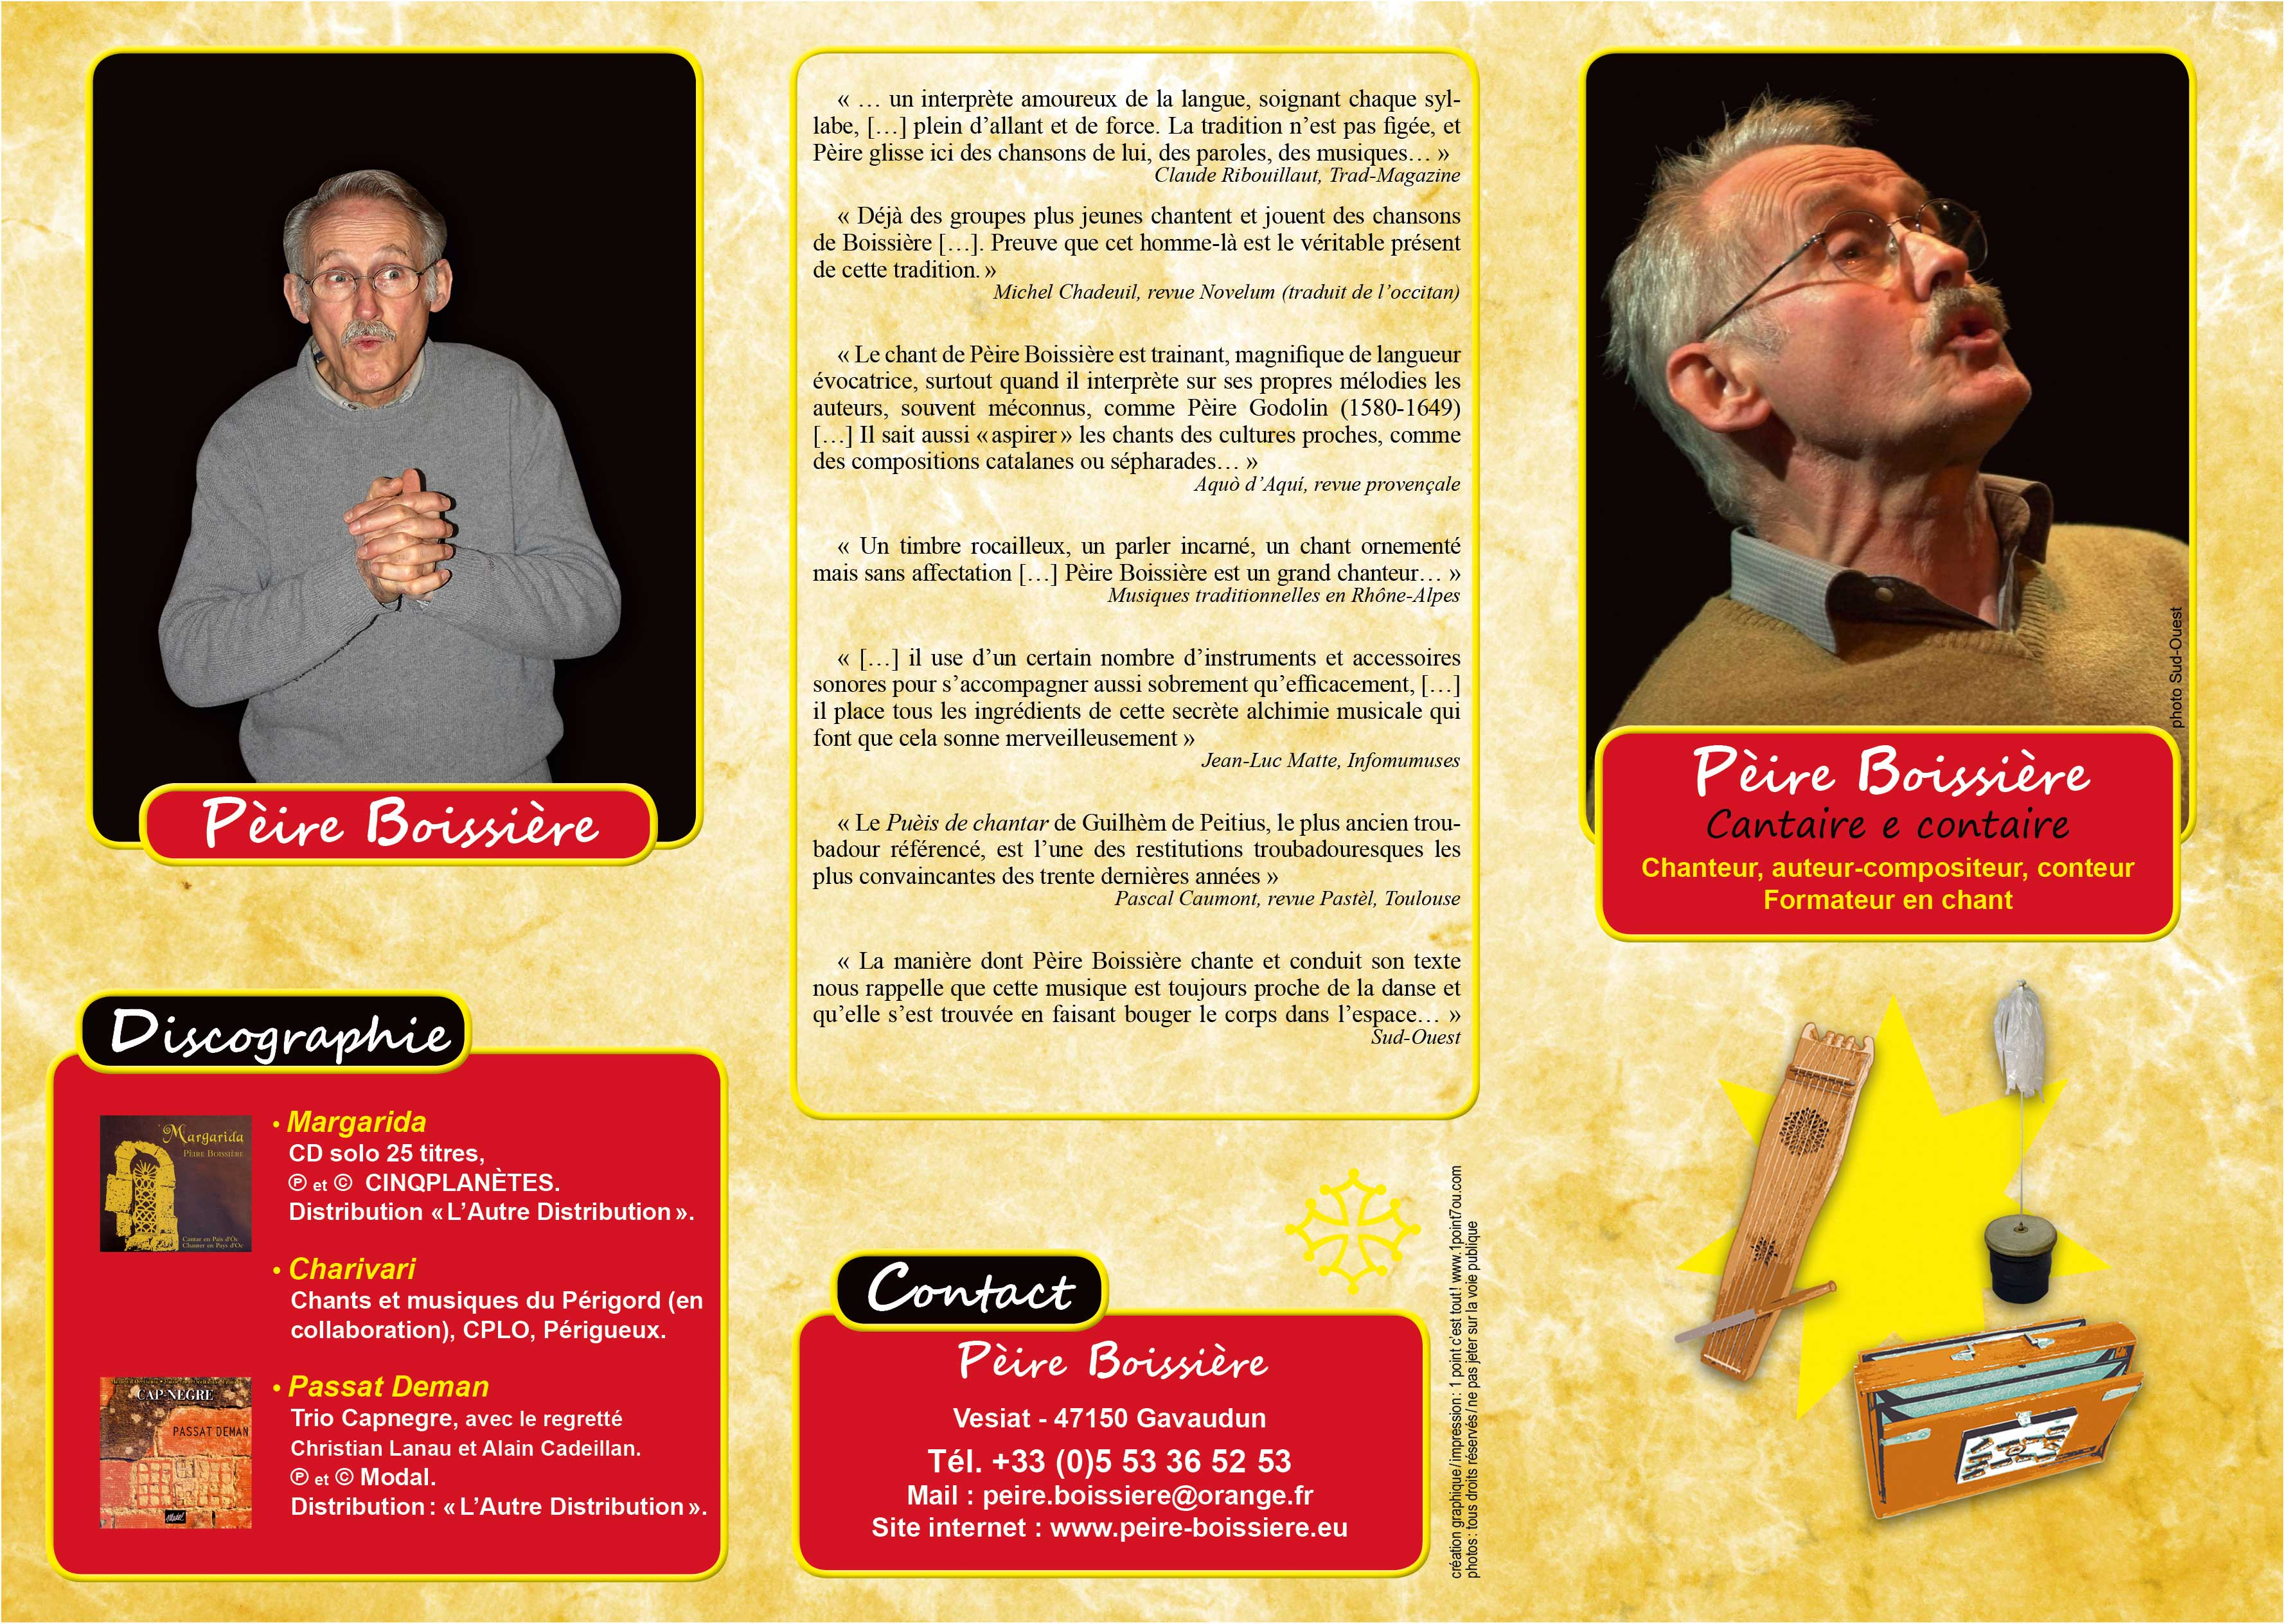 PÈIRE BOISSIÈRE Chanteur, auteur-compositeur, conteur, formateur en chant